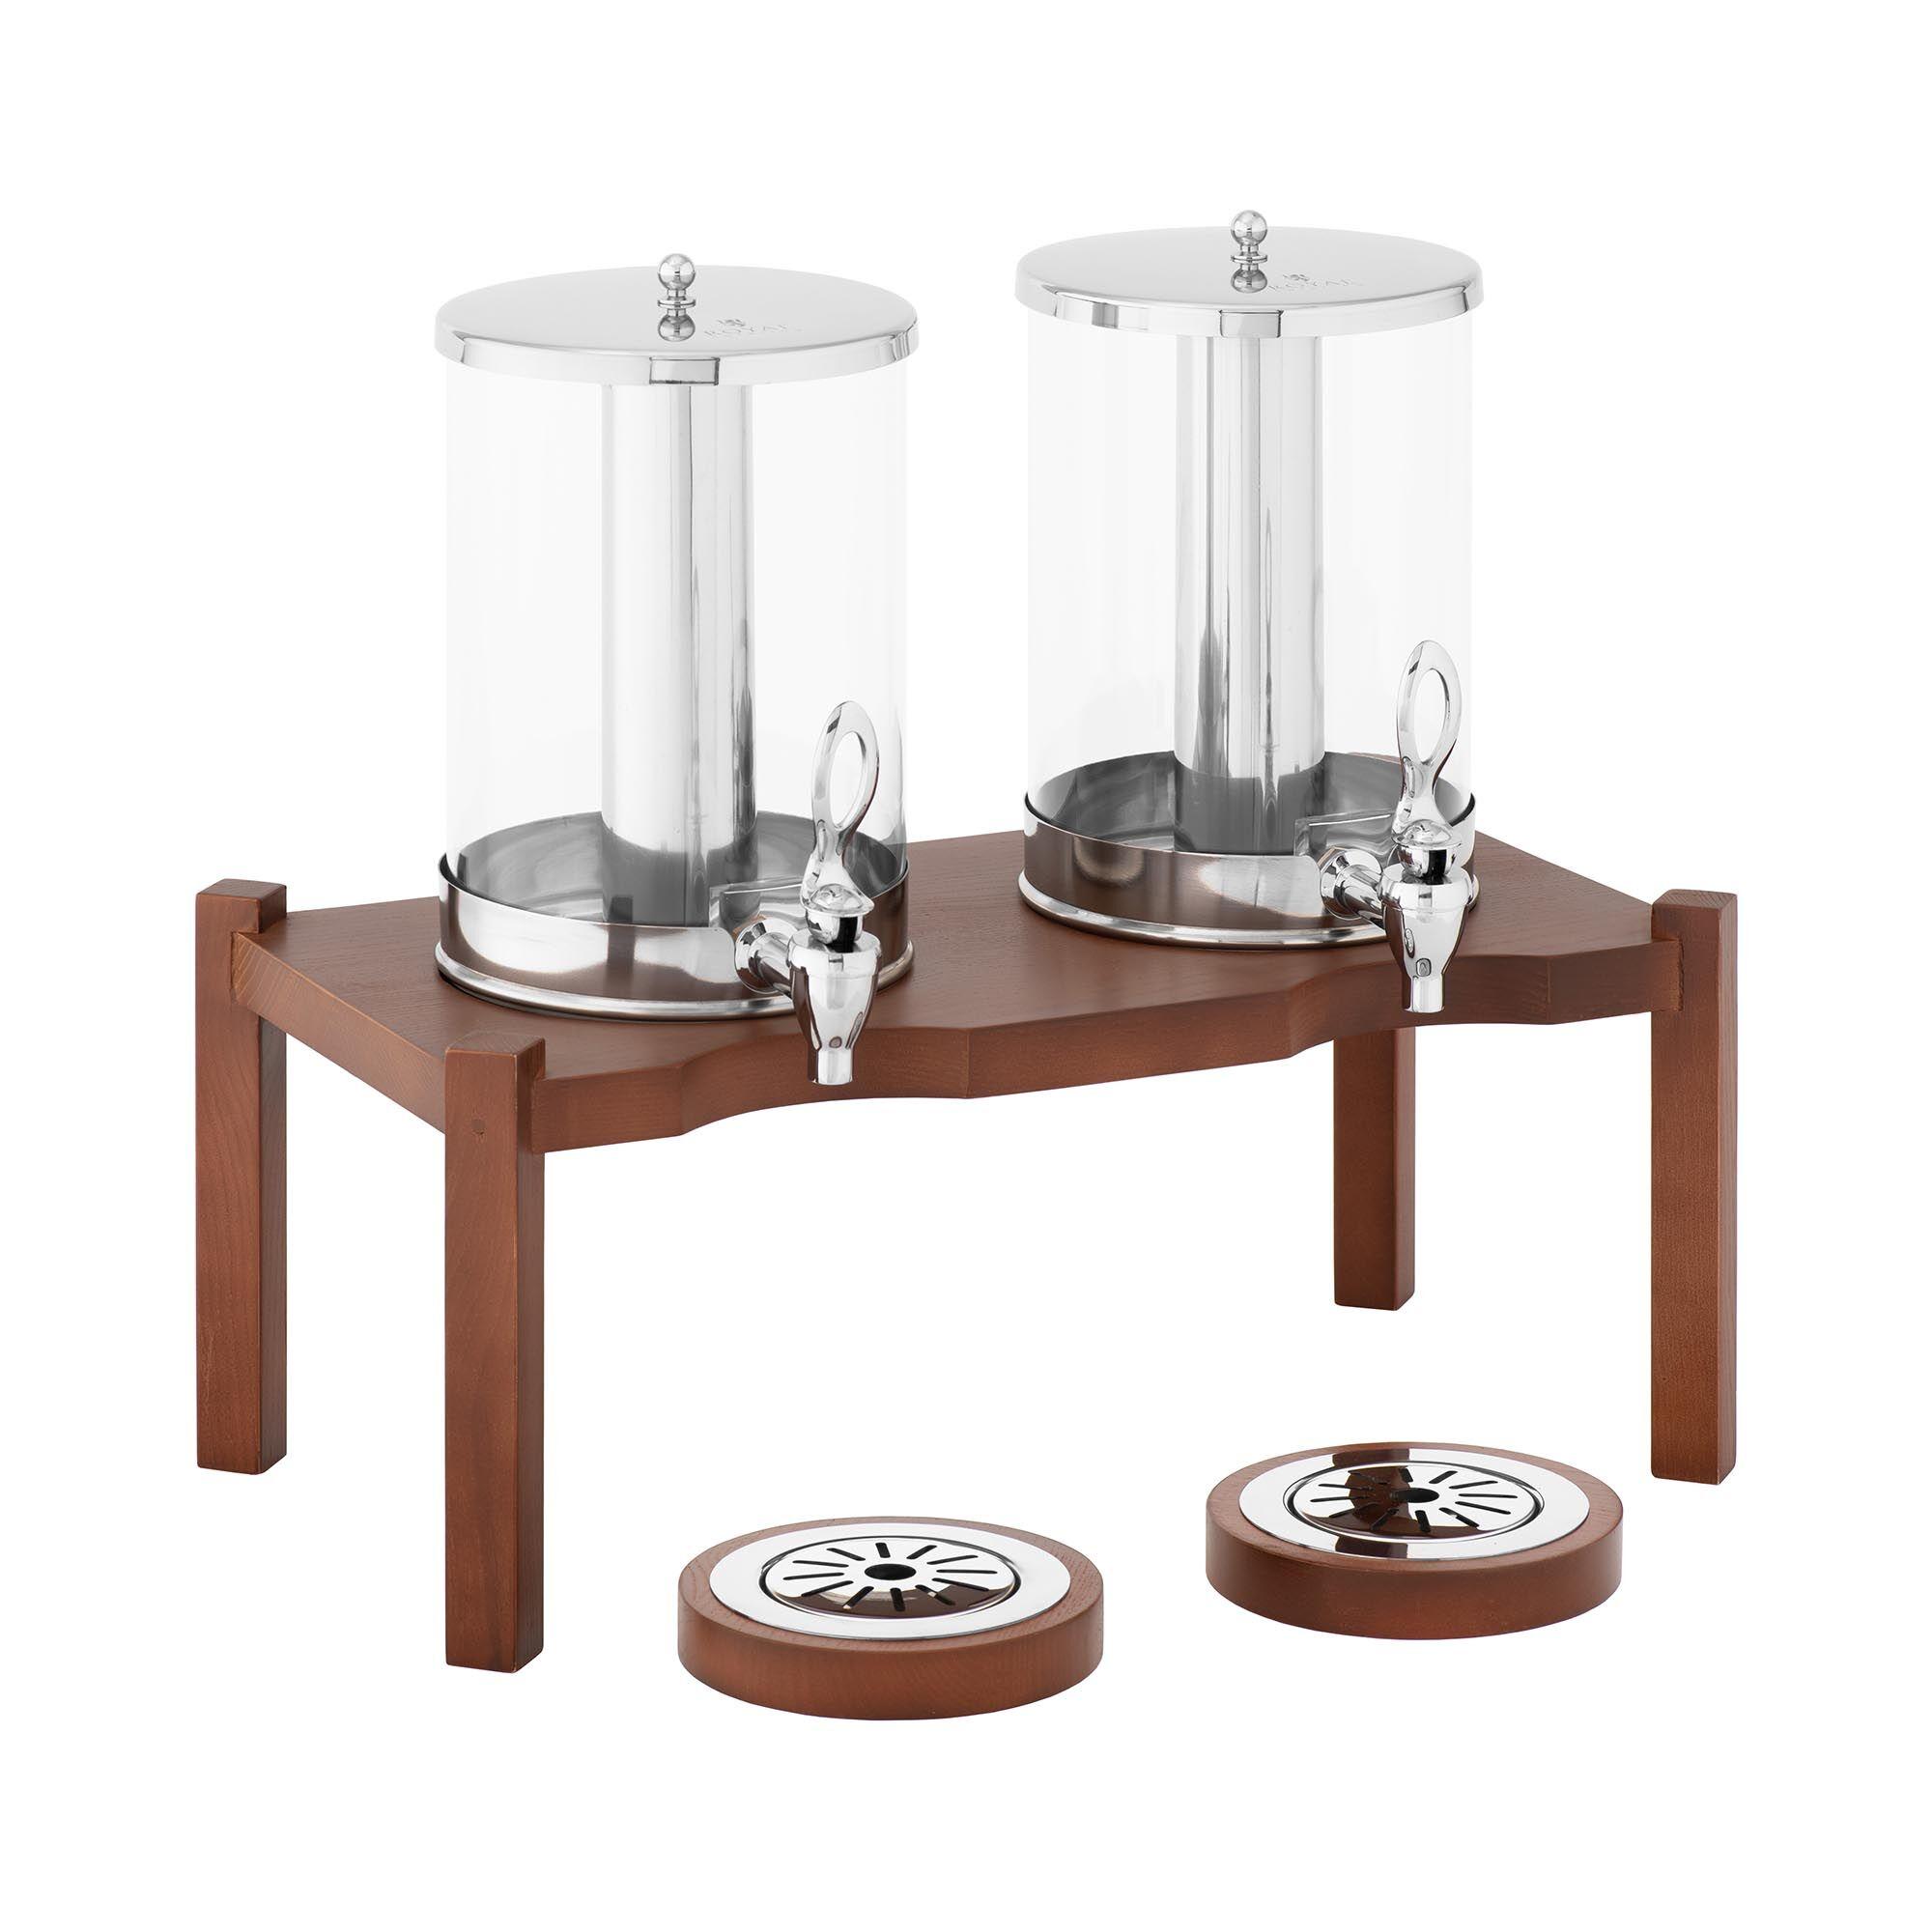 Royal Catering Distributeur de boissons - 2 x 7 l - Dispositifs de refroidissement - Cadre en bois foncé RCSD-2W3